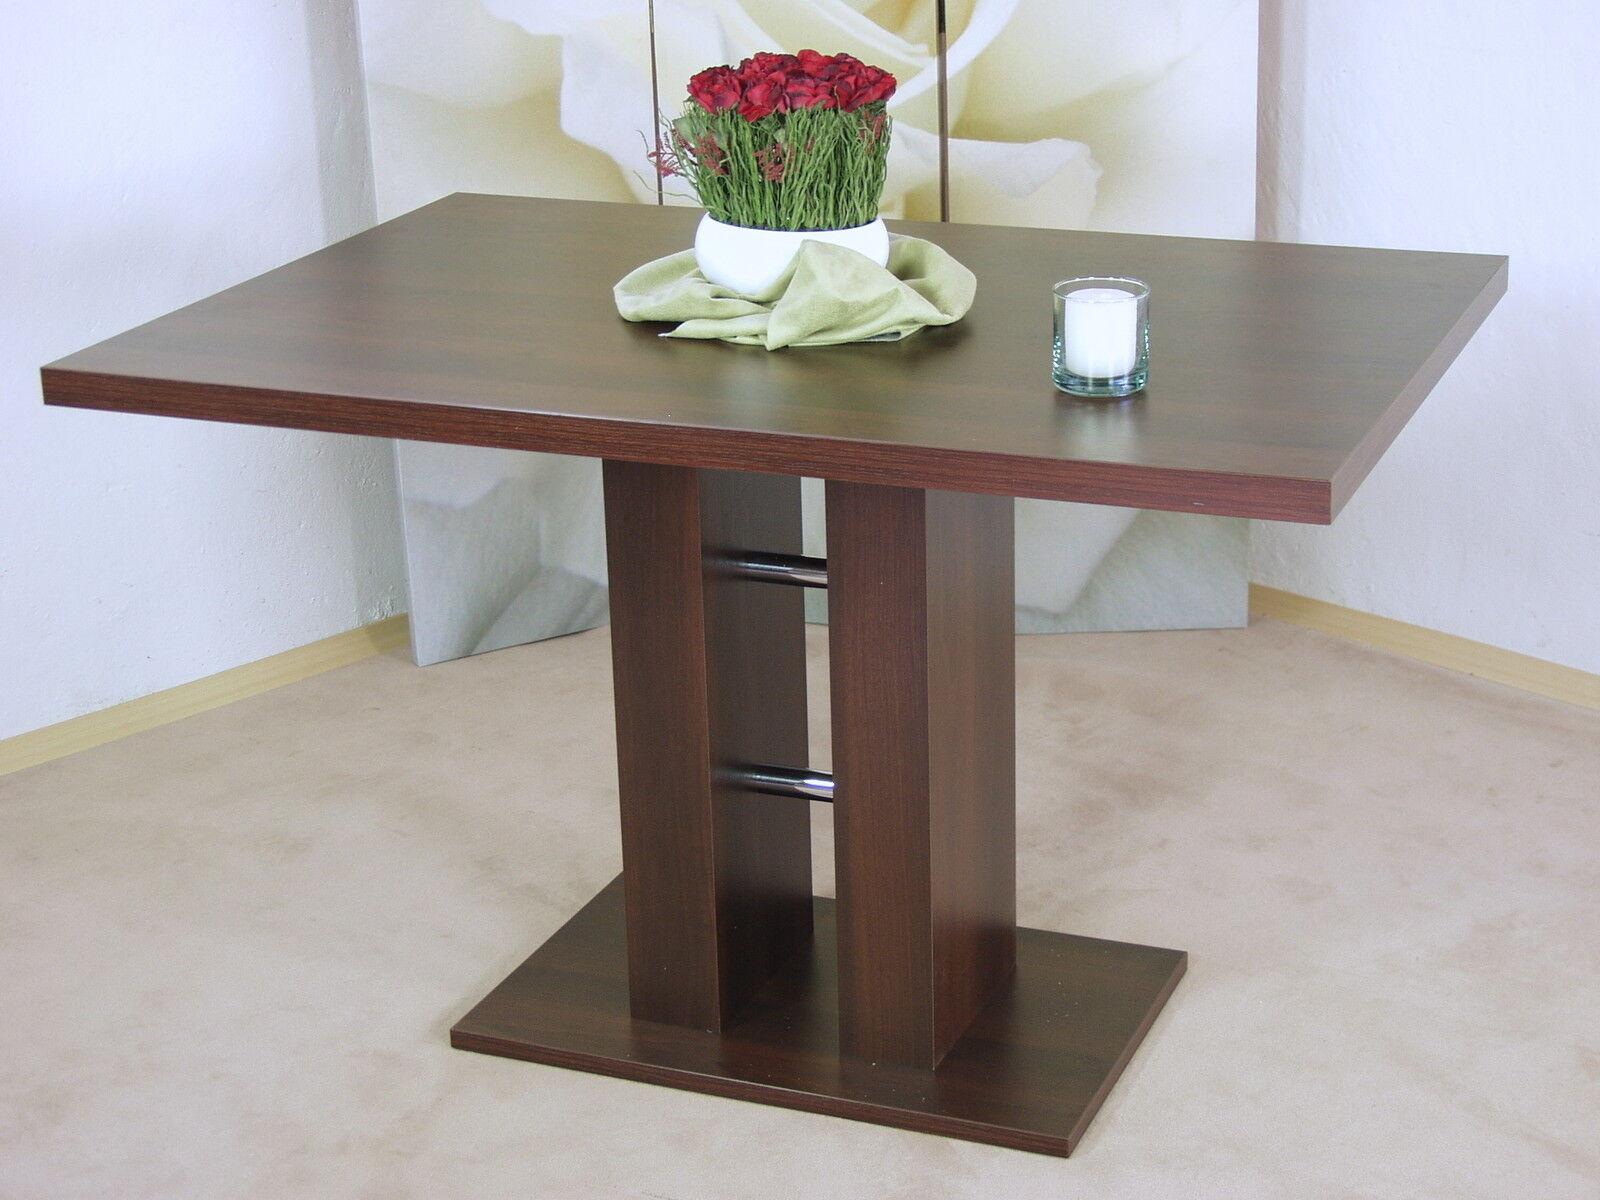 Design Saulentisch Nussbaum Dunkel Esstisch Esszimmertisch Kuchentisch Modern Kaufen Bei Go Perfect